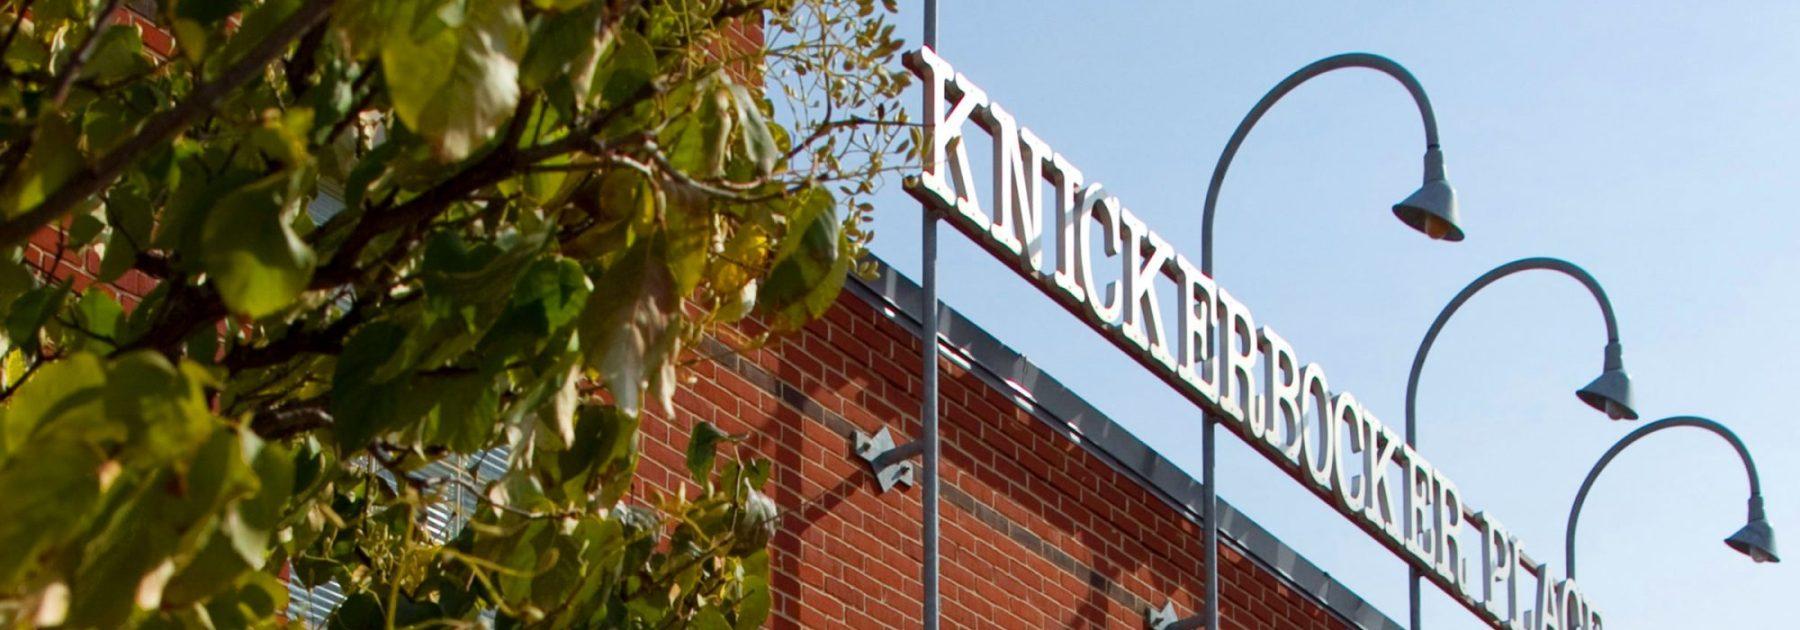 Knickerbocker Place